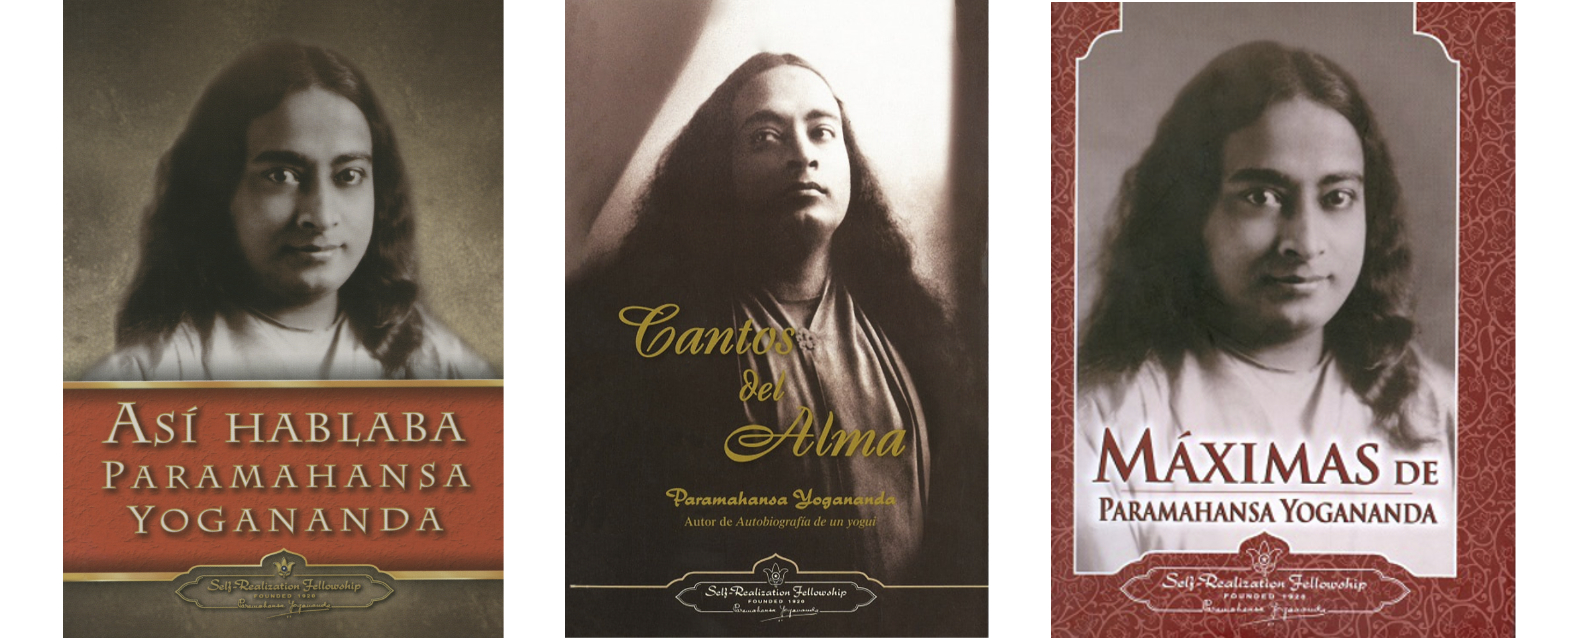 Así hablaba Paramahansa Yogananda, Cantos del alma y Máximas de Paramahansa Yogananda